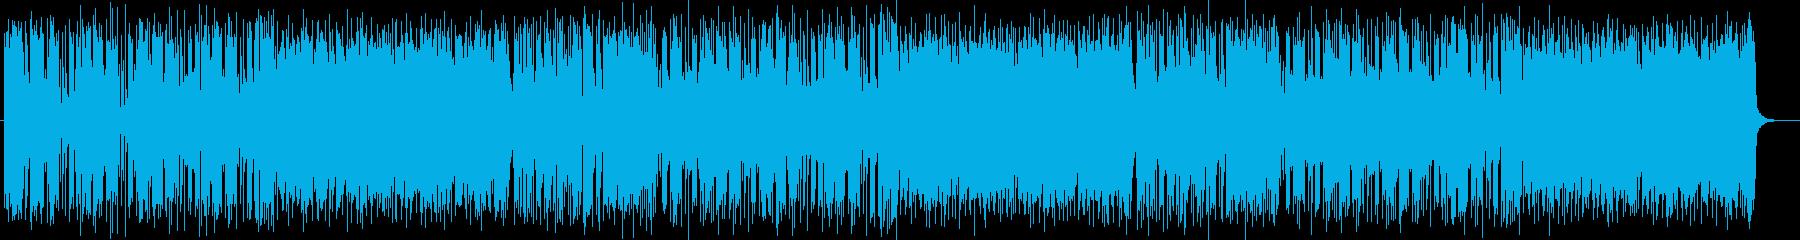 明るくうきうきするテクノポップの再生済みの波形